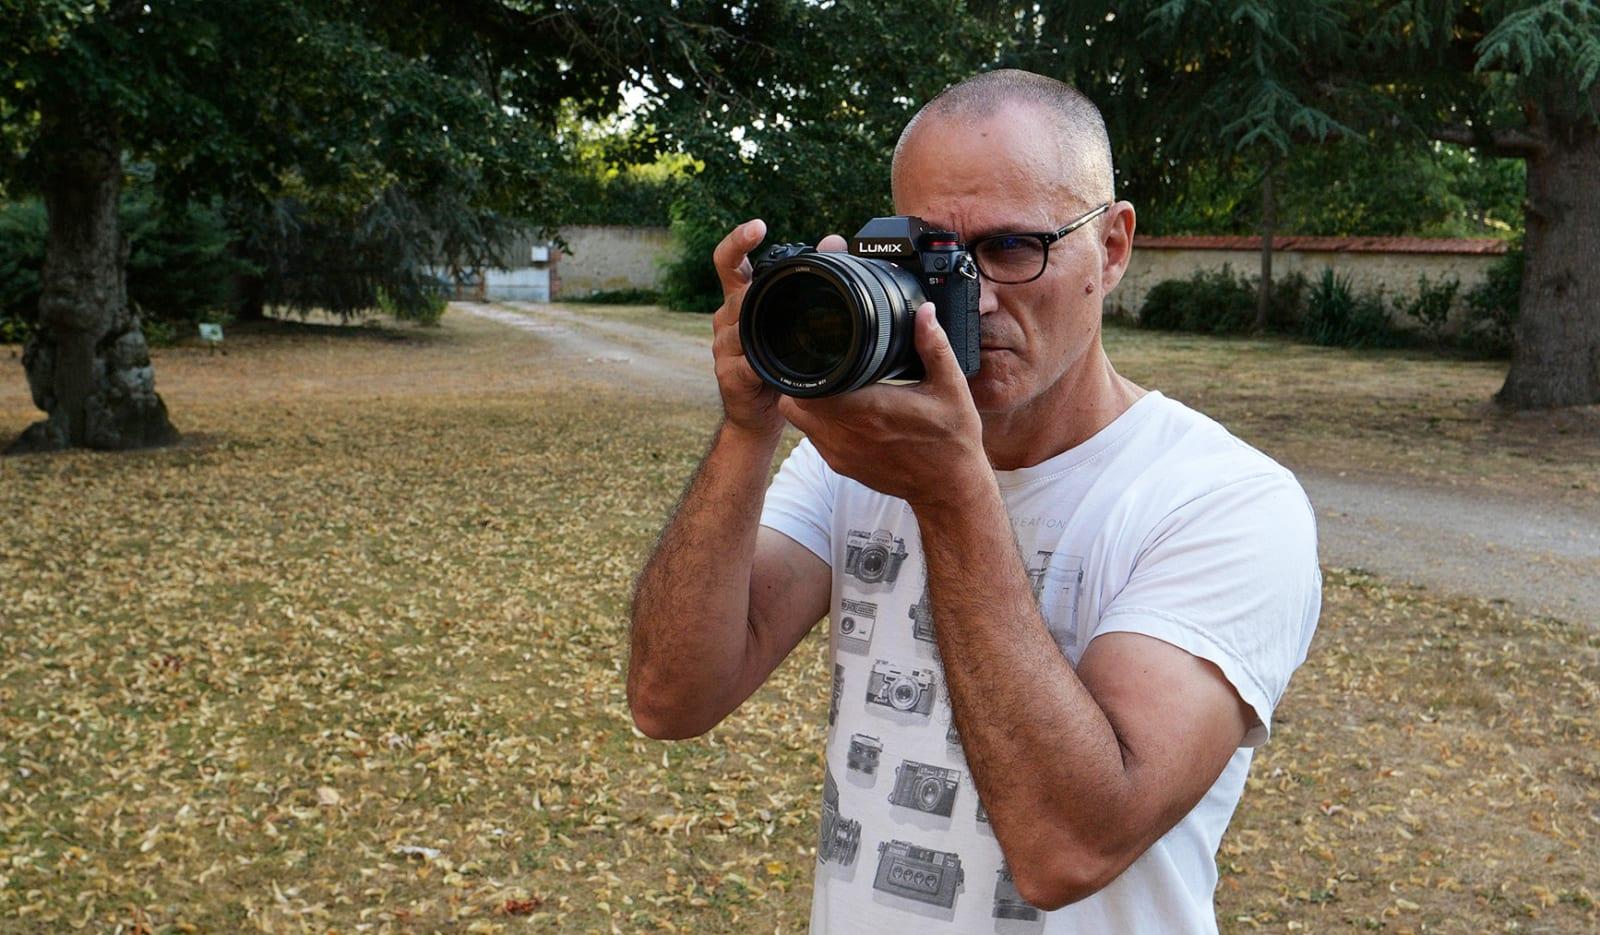 Panasonic S1R full-frame mirrorless camera